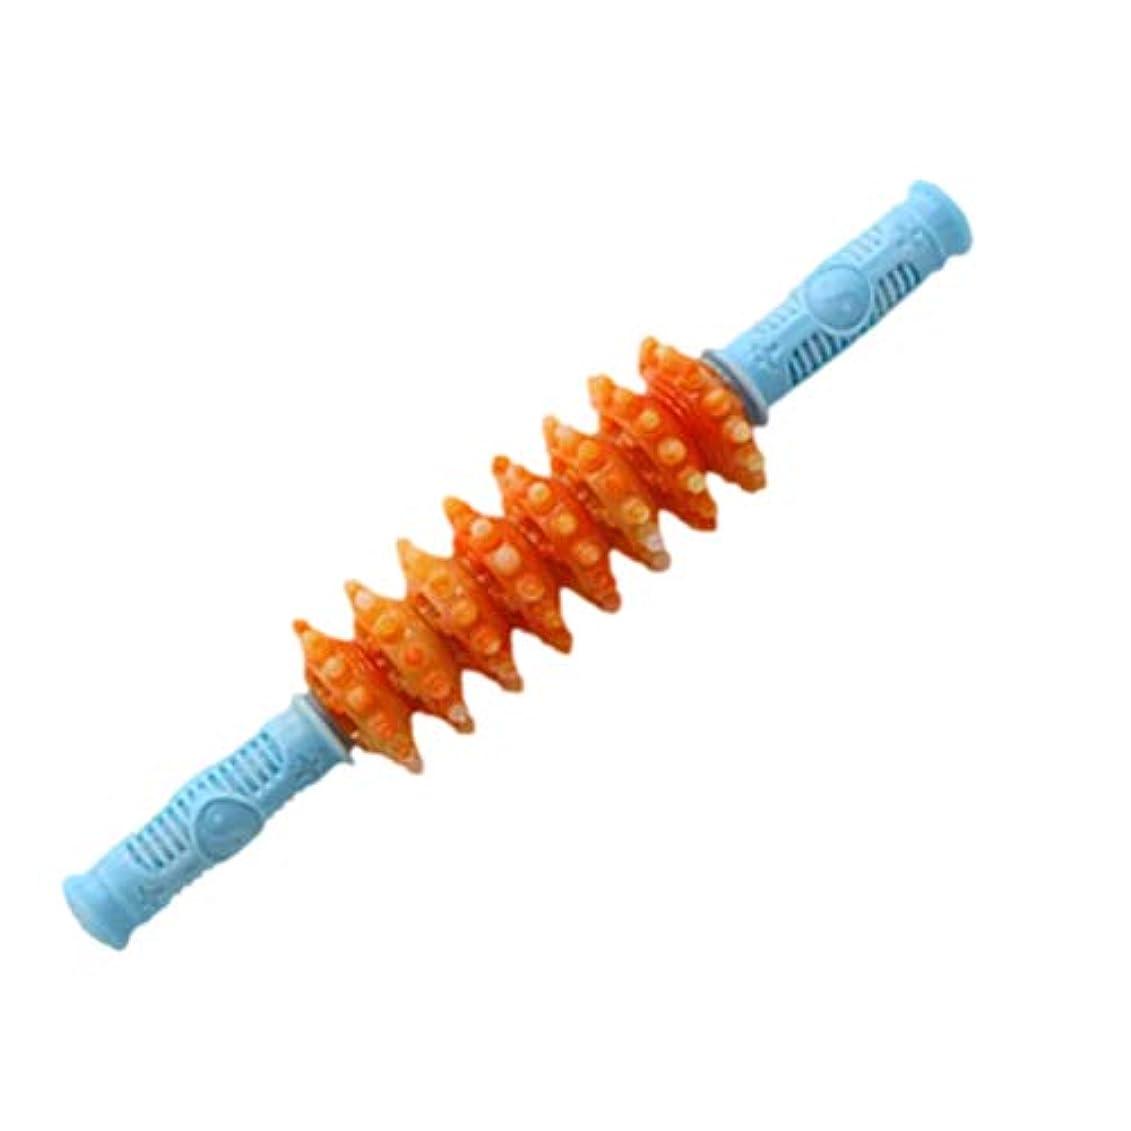 もっと少なくホール誘うHealifty 筋肉痛筋肉痛筋膜痛を和らげるためのヨガの筋肉ローラーマッサージスティック